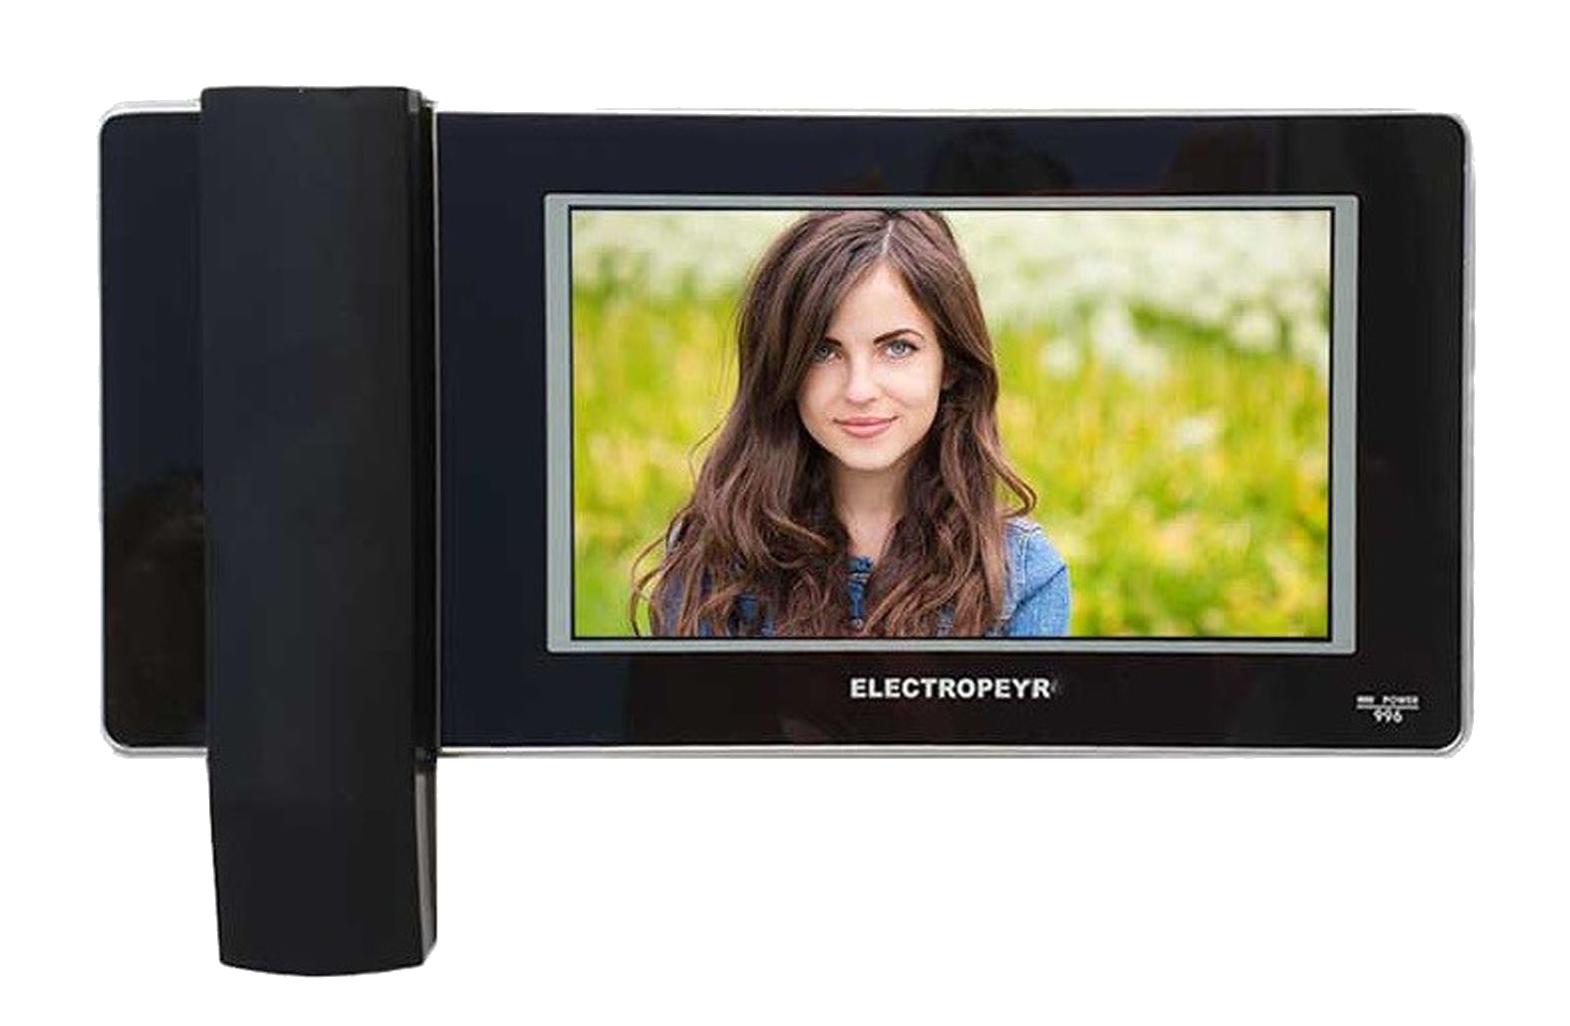 آیفون تصویری الکتروپیک مدل 996 یکی از بهترین و کامل ترین محصولات الکتروپیک است، این محصول با صفحه نمایش 7 اینچی تمام لمسی، امکان نمایش تصاویر با کیفیت بالا و در ابعاد مناسبی را فراهم می آورد. این آیفون با قابلیت باز کردن درب پارکینگ، فراخوانی آسانسور و امکان ضبط عکس و فیلم، می تواند پکیج کاملی برای شما باشد.